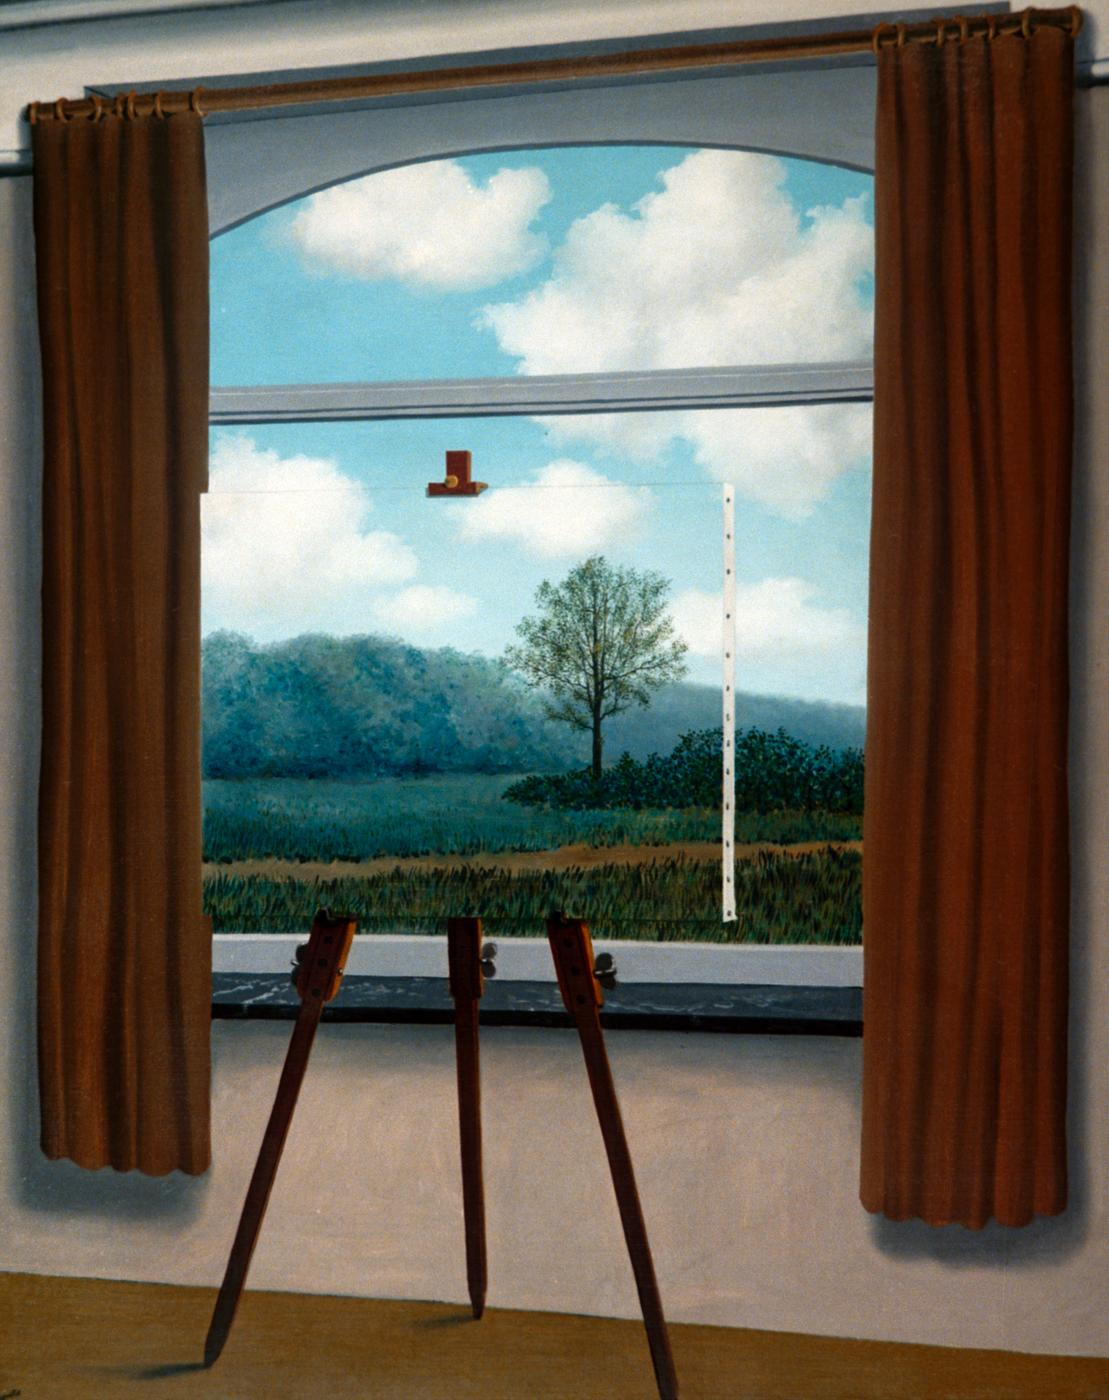 René Magritte, La condition humaine, 1933